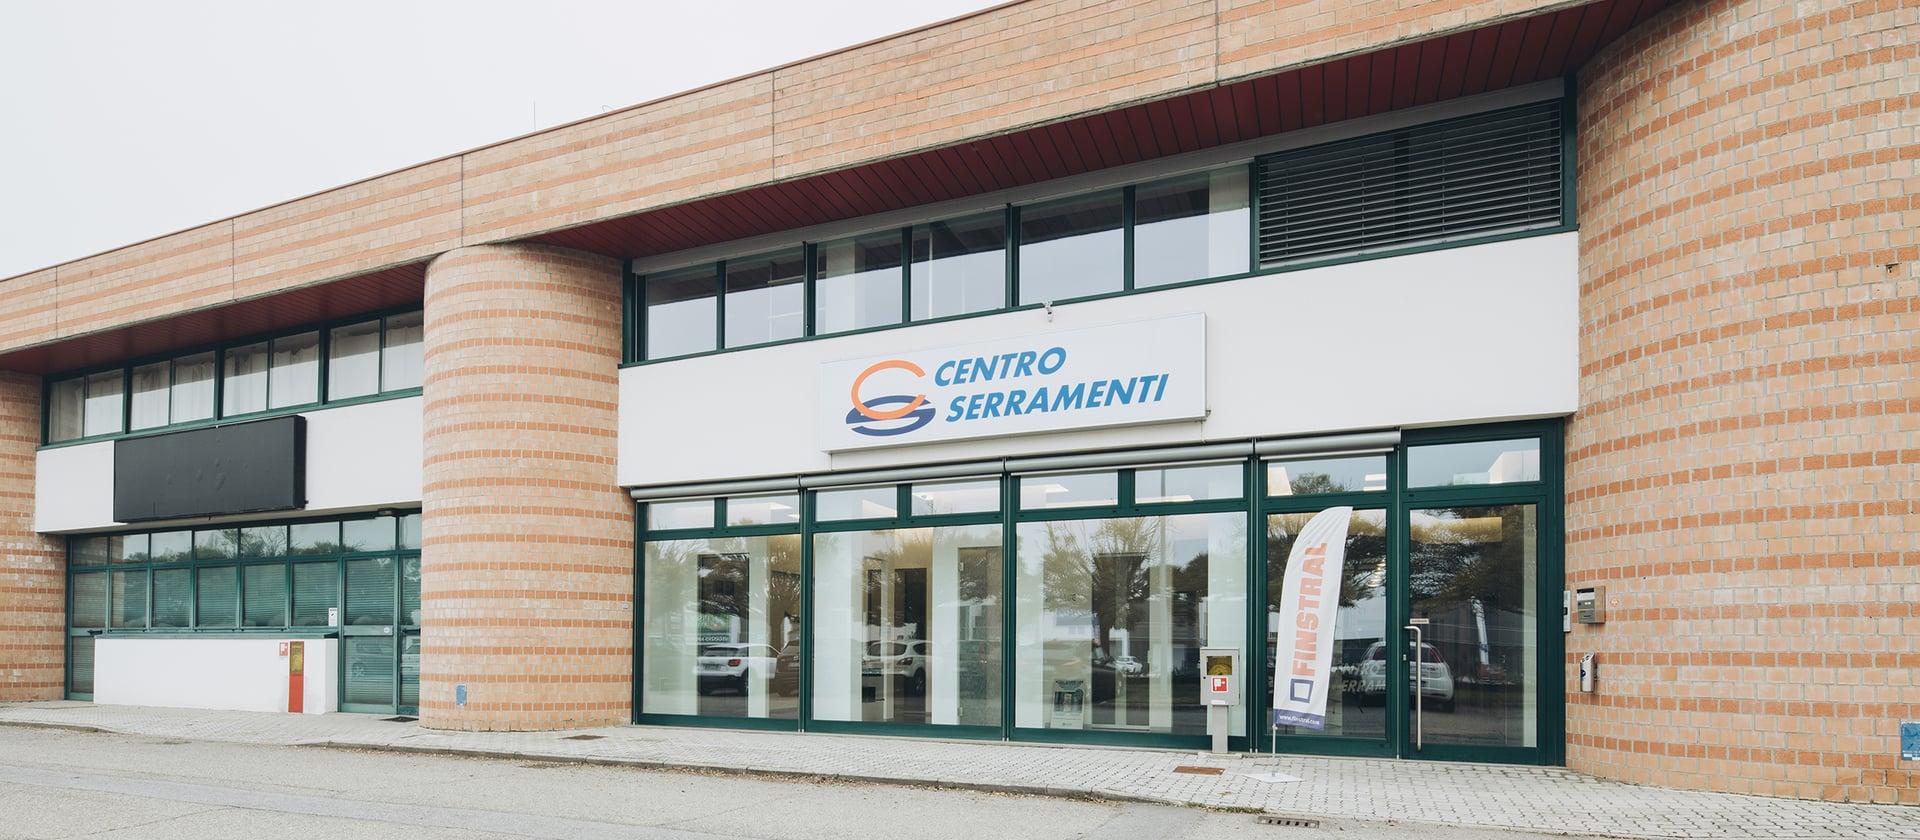 Centro Serramenti